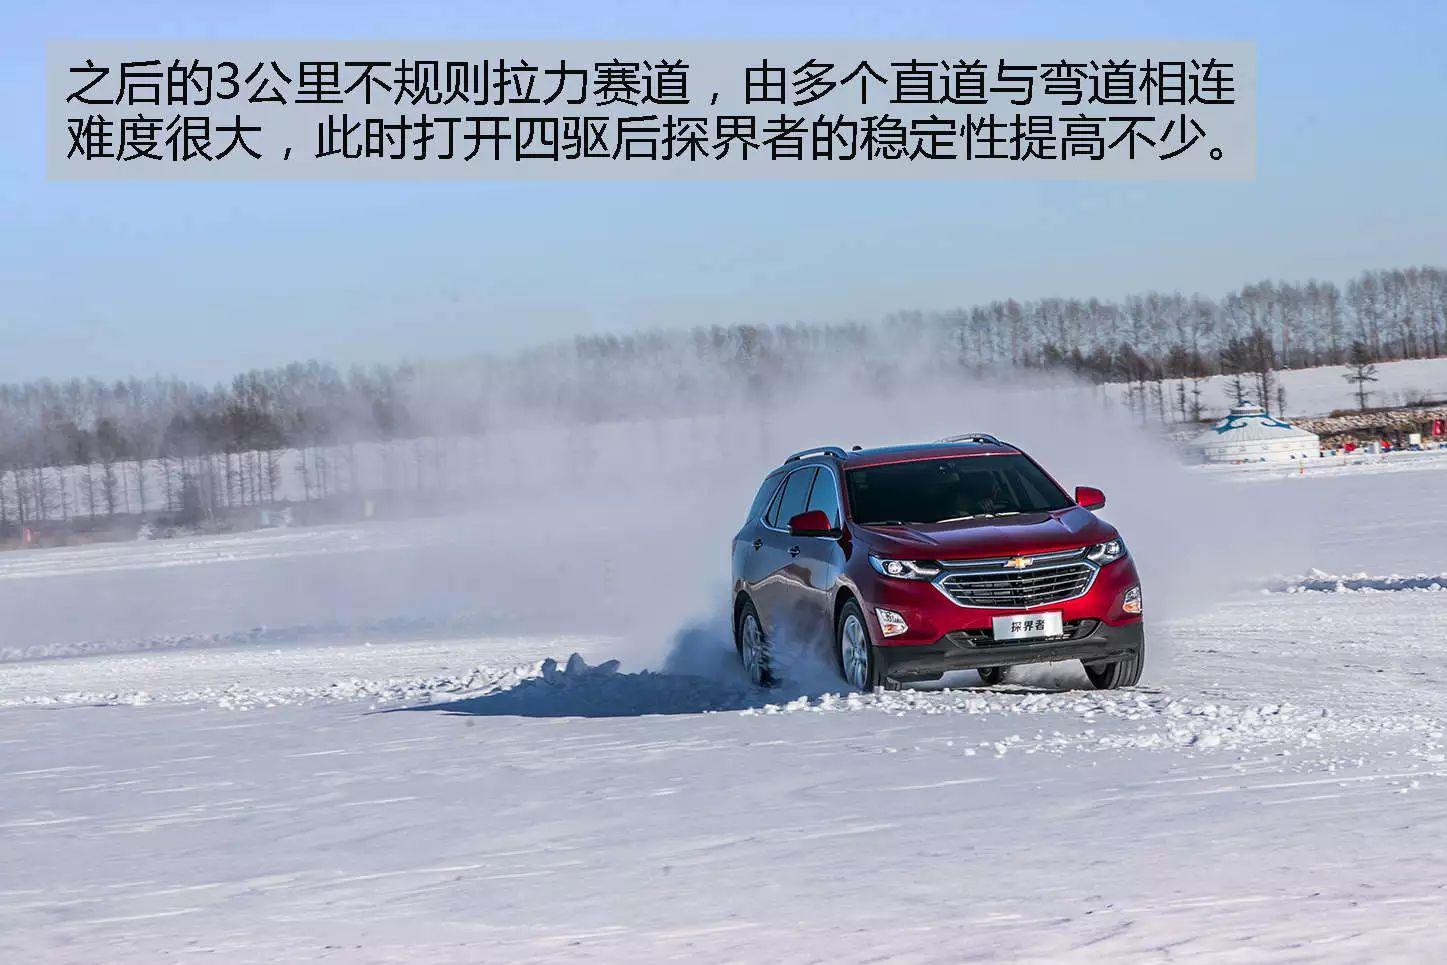 雪佛兰全功能车系 东北五大连池冰雪试驾